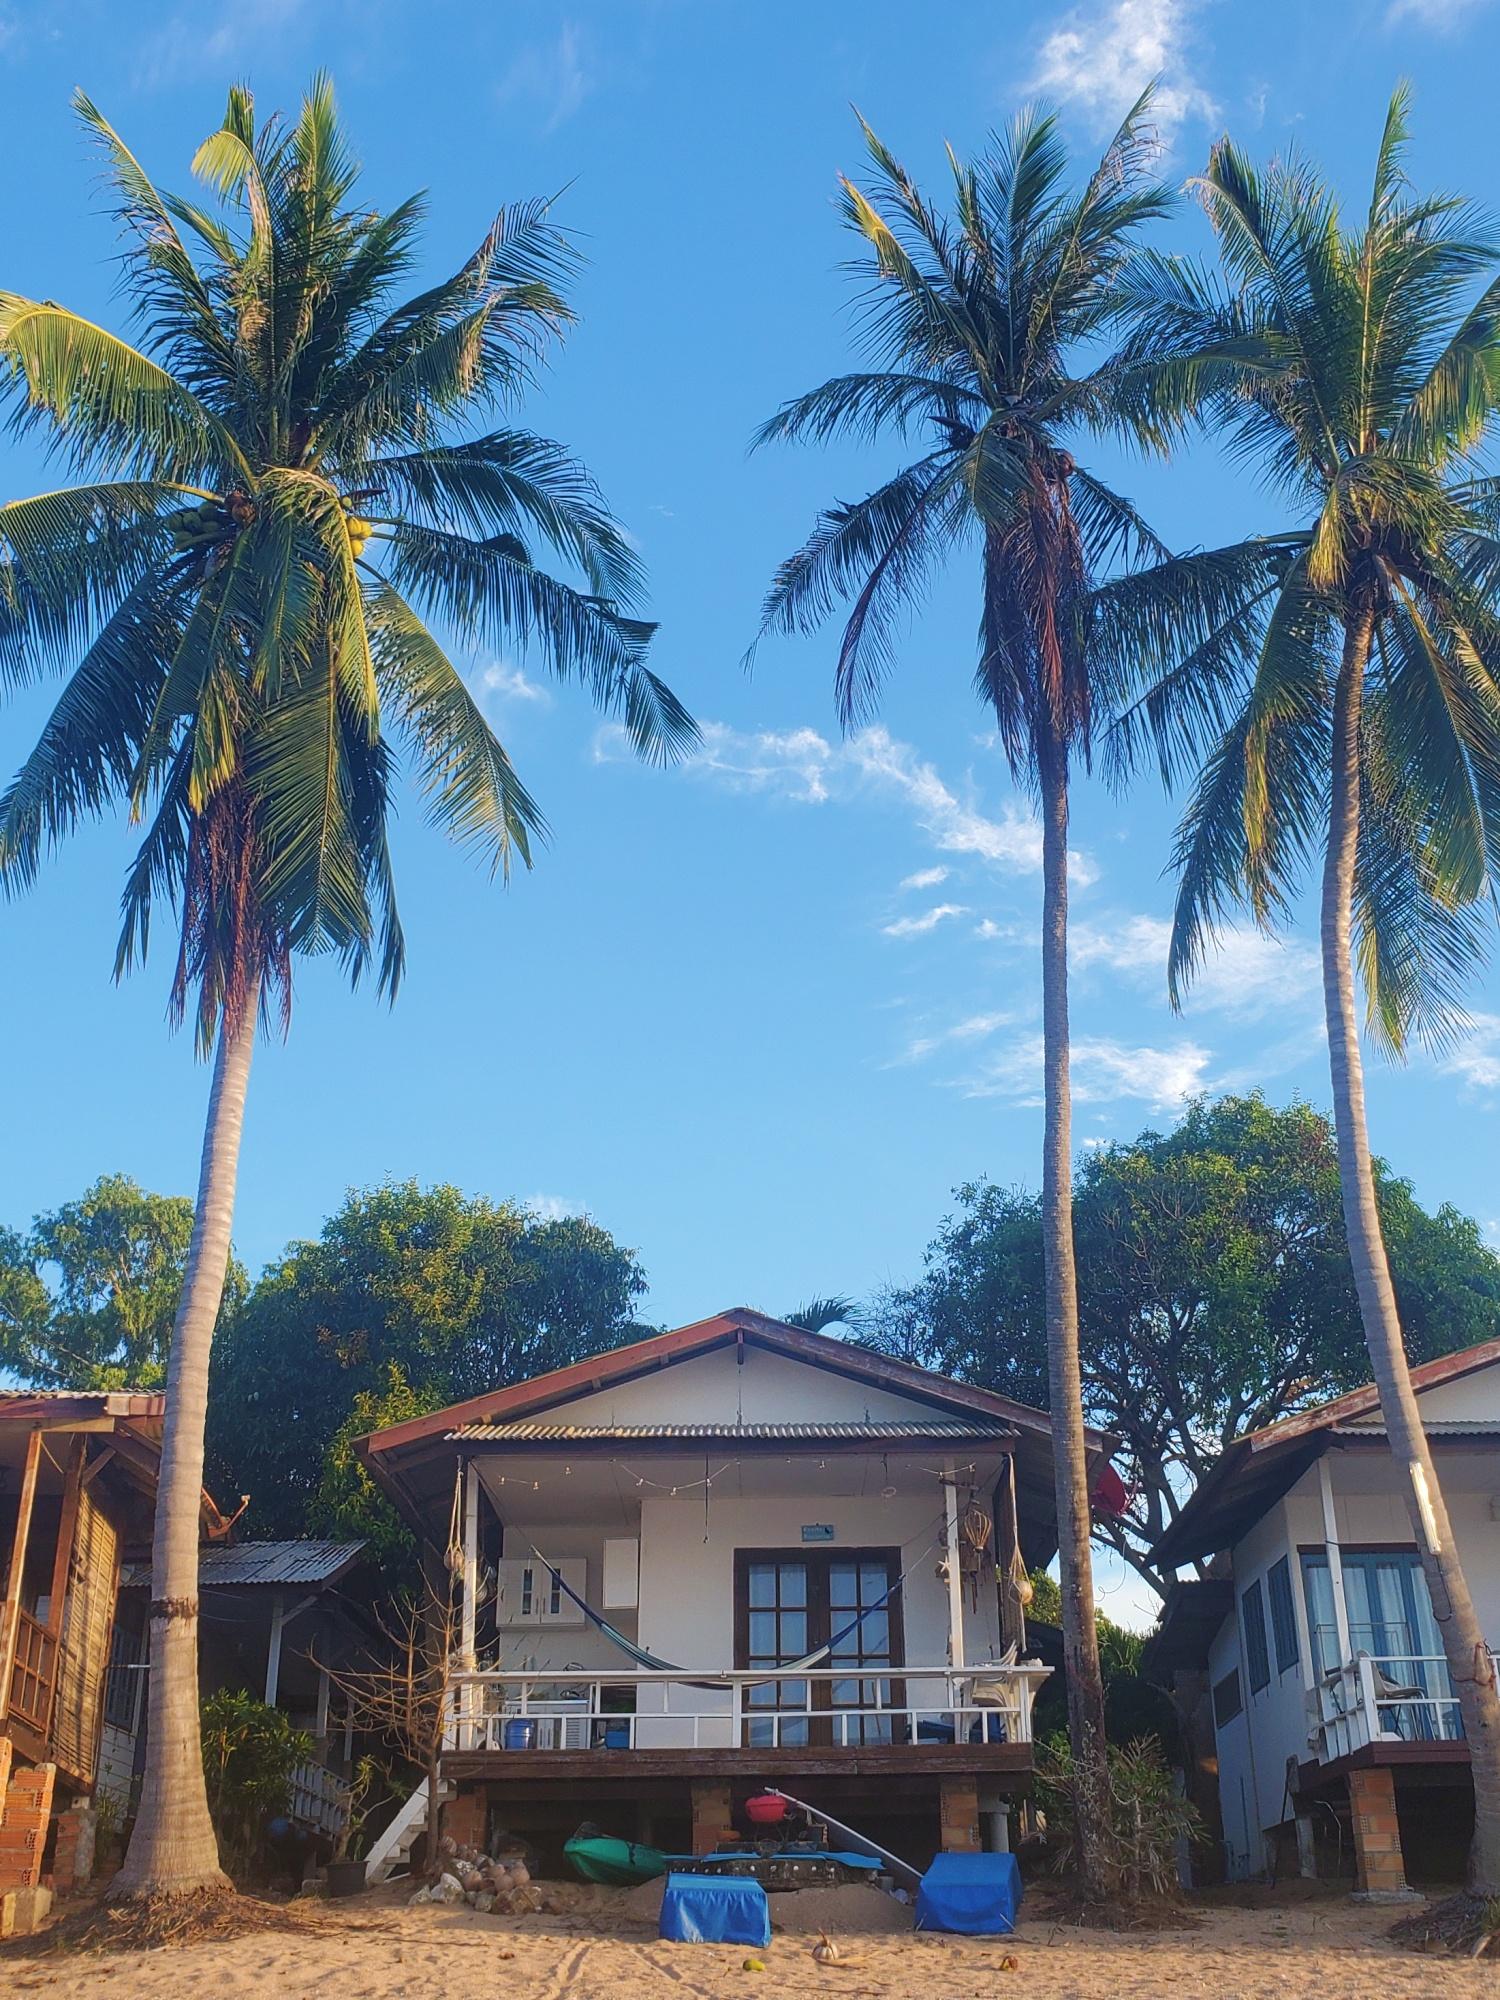 Koh Samui beach house